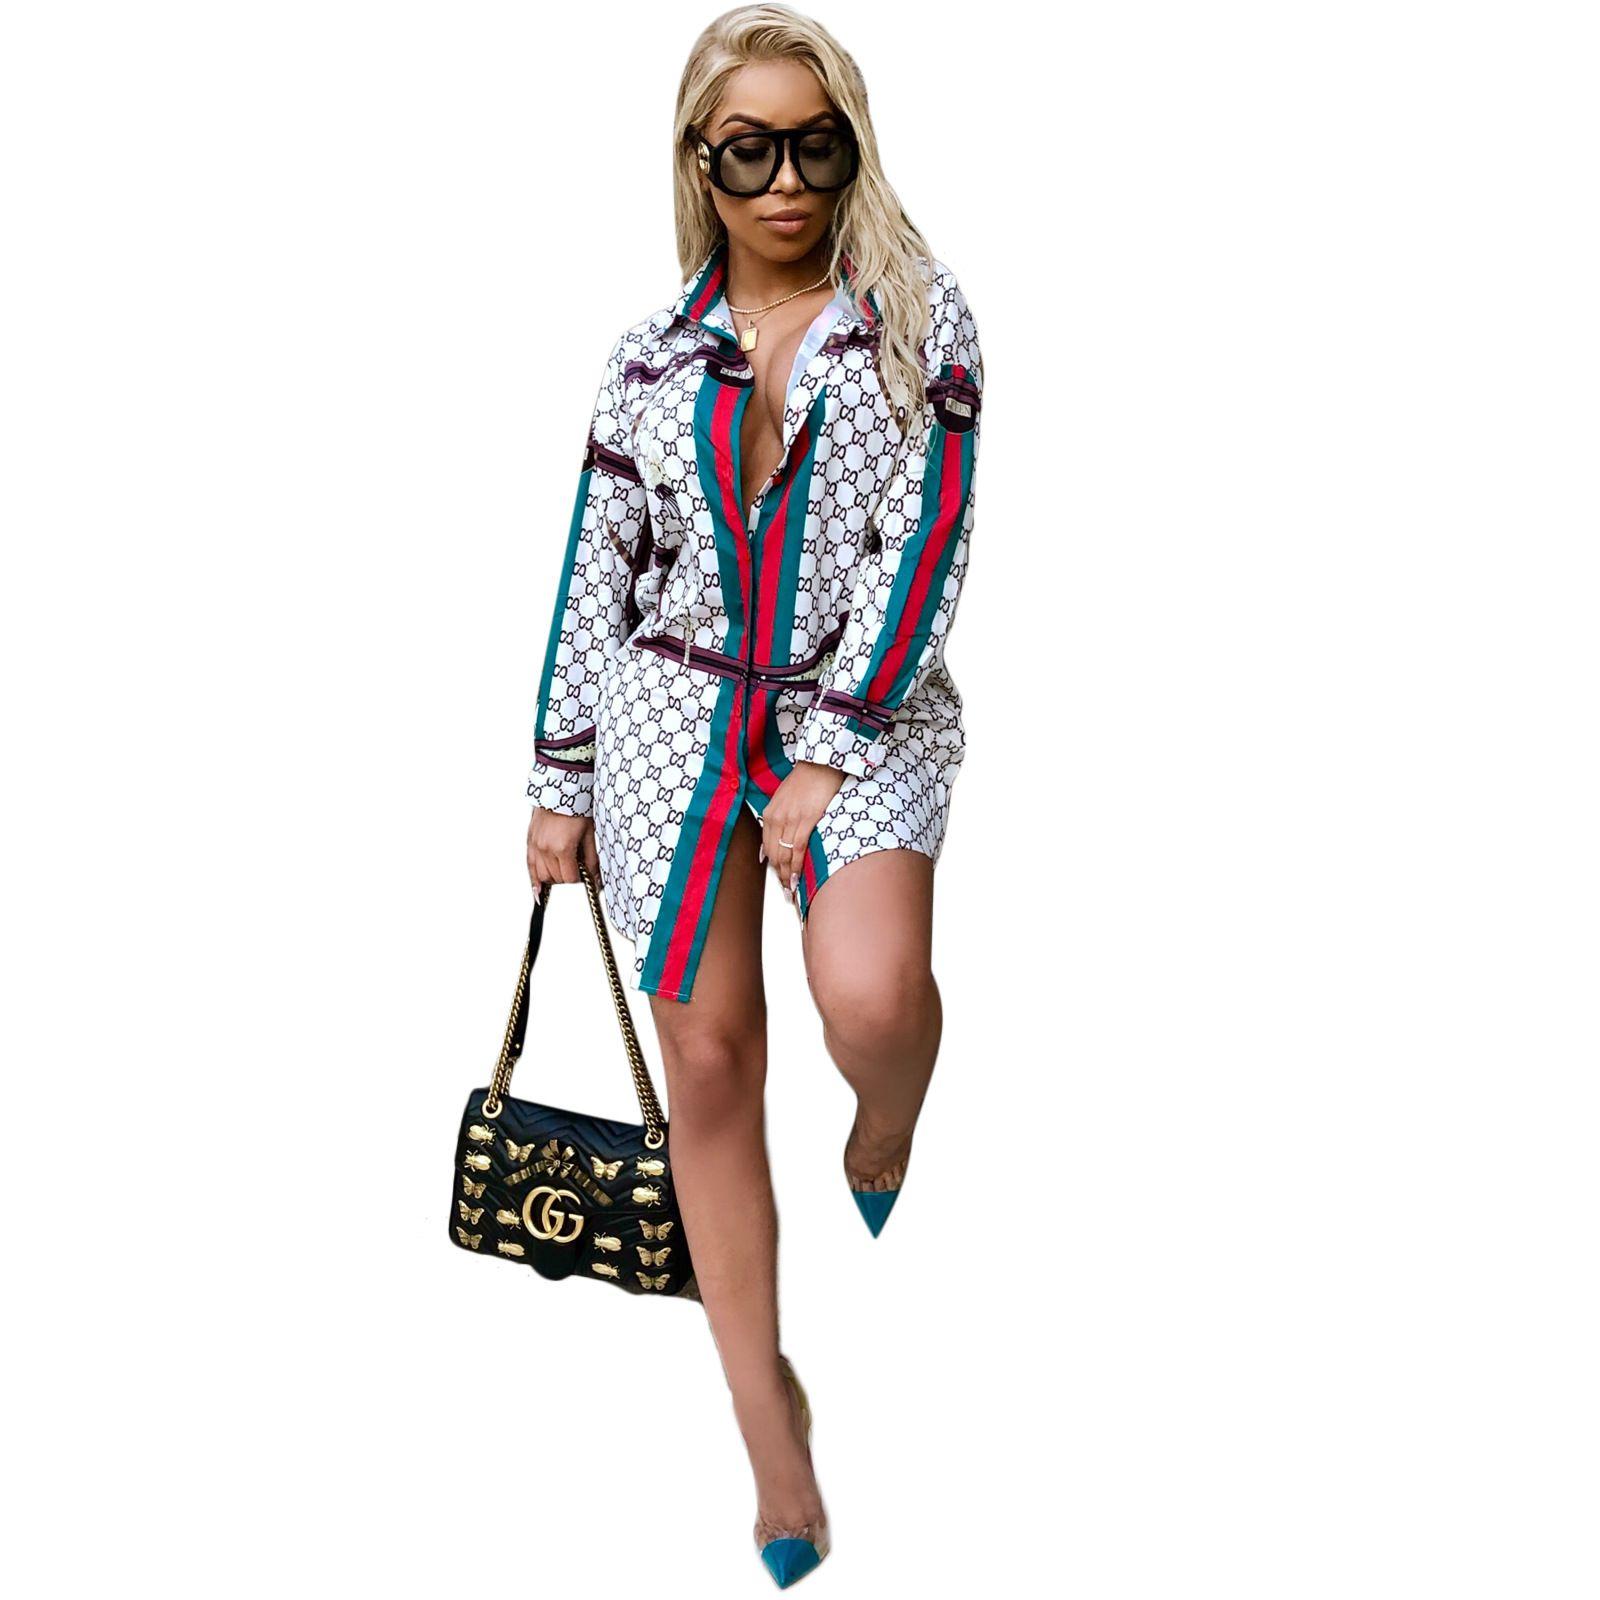 255a690e090c6 Satın Al Yeni 2019 Yüksek Kalite Baskılı Gömlek Elbise Kadın Uzun Kollu  Kısın Yaka Parti Elbiseler Rahat Gevşek Kısa Kulübü Mini Elbise, $17.09 |  DHgate.